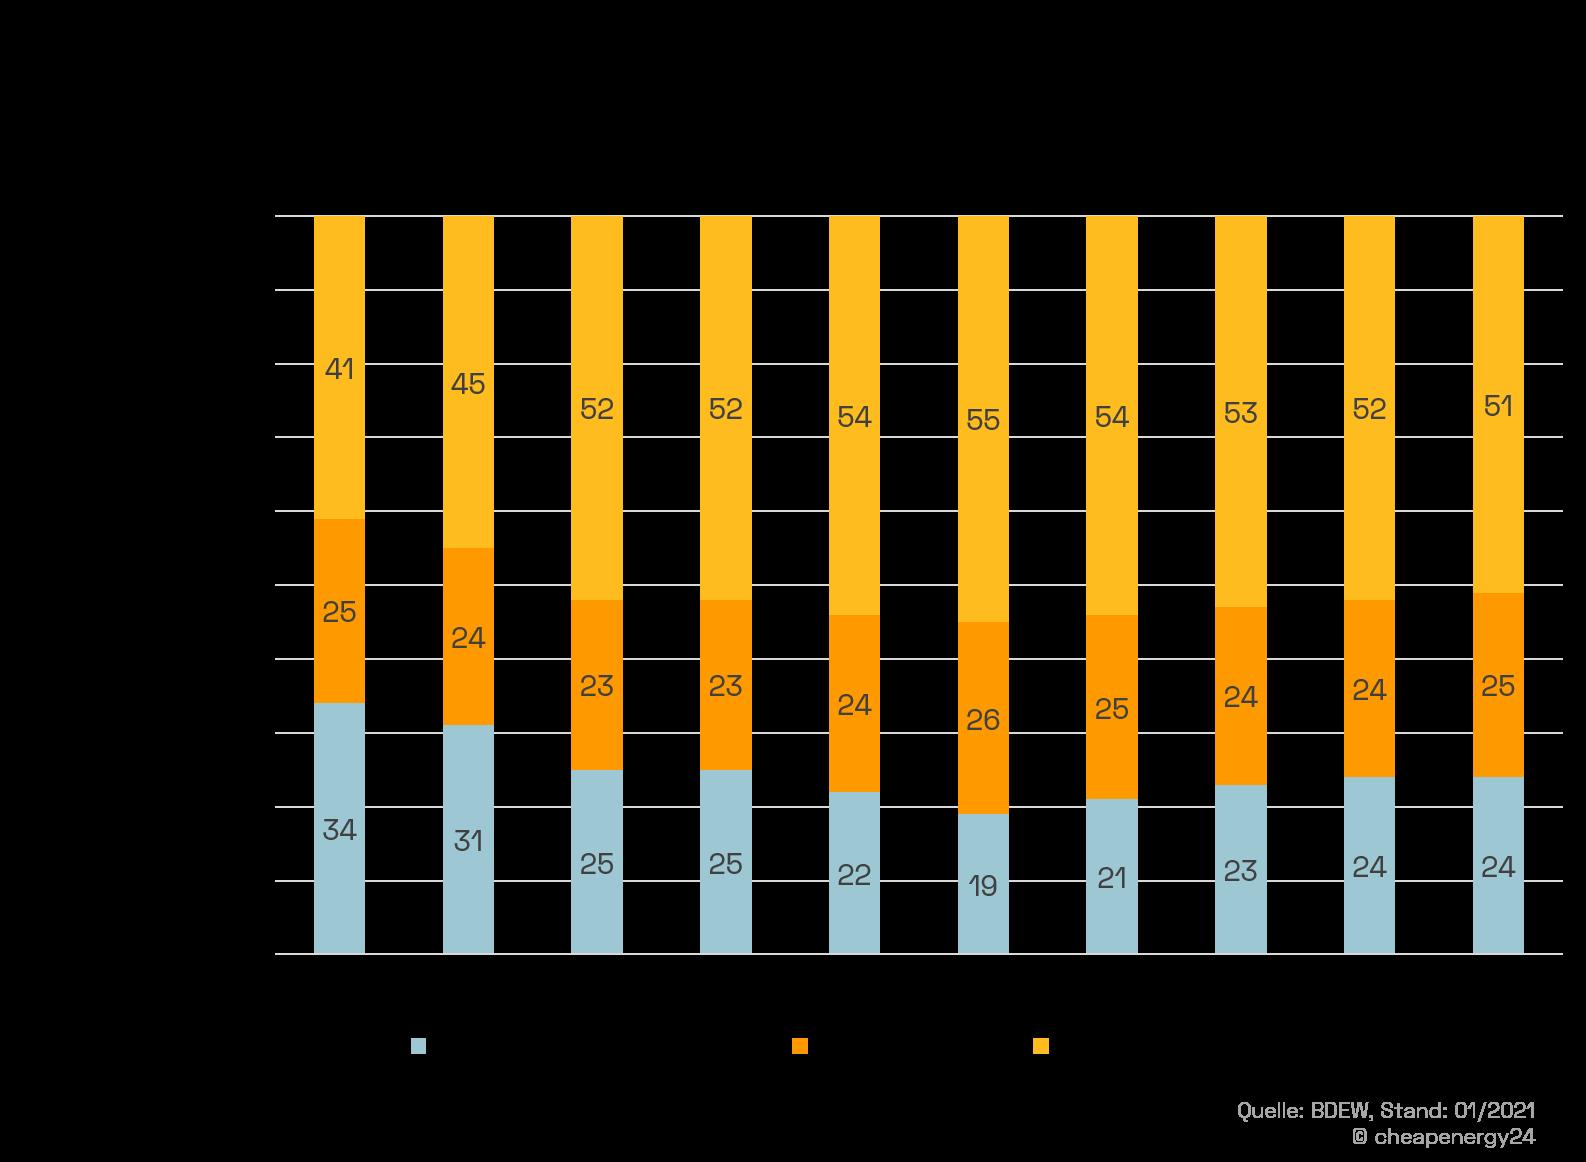 Strompreisentwicklung Bestandteile 2010 bis 2020